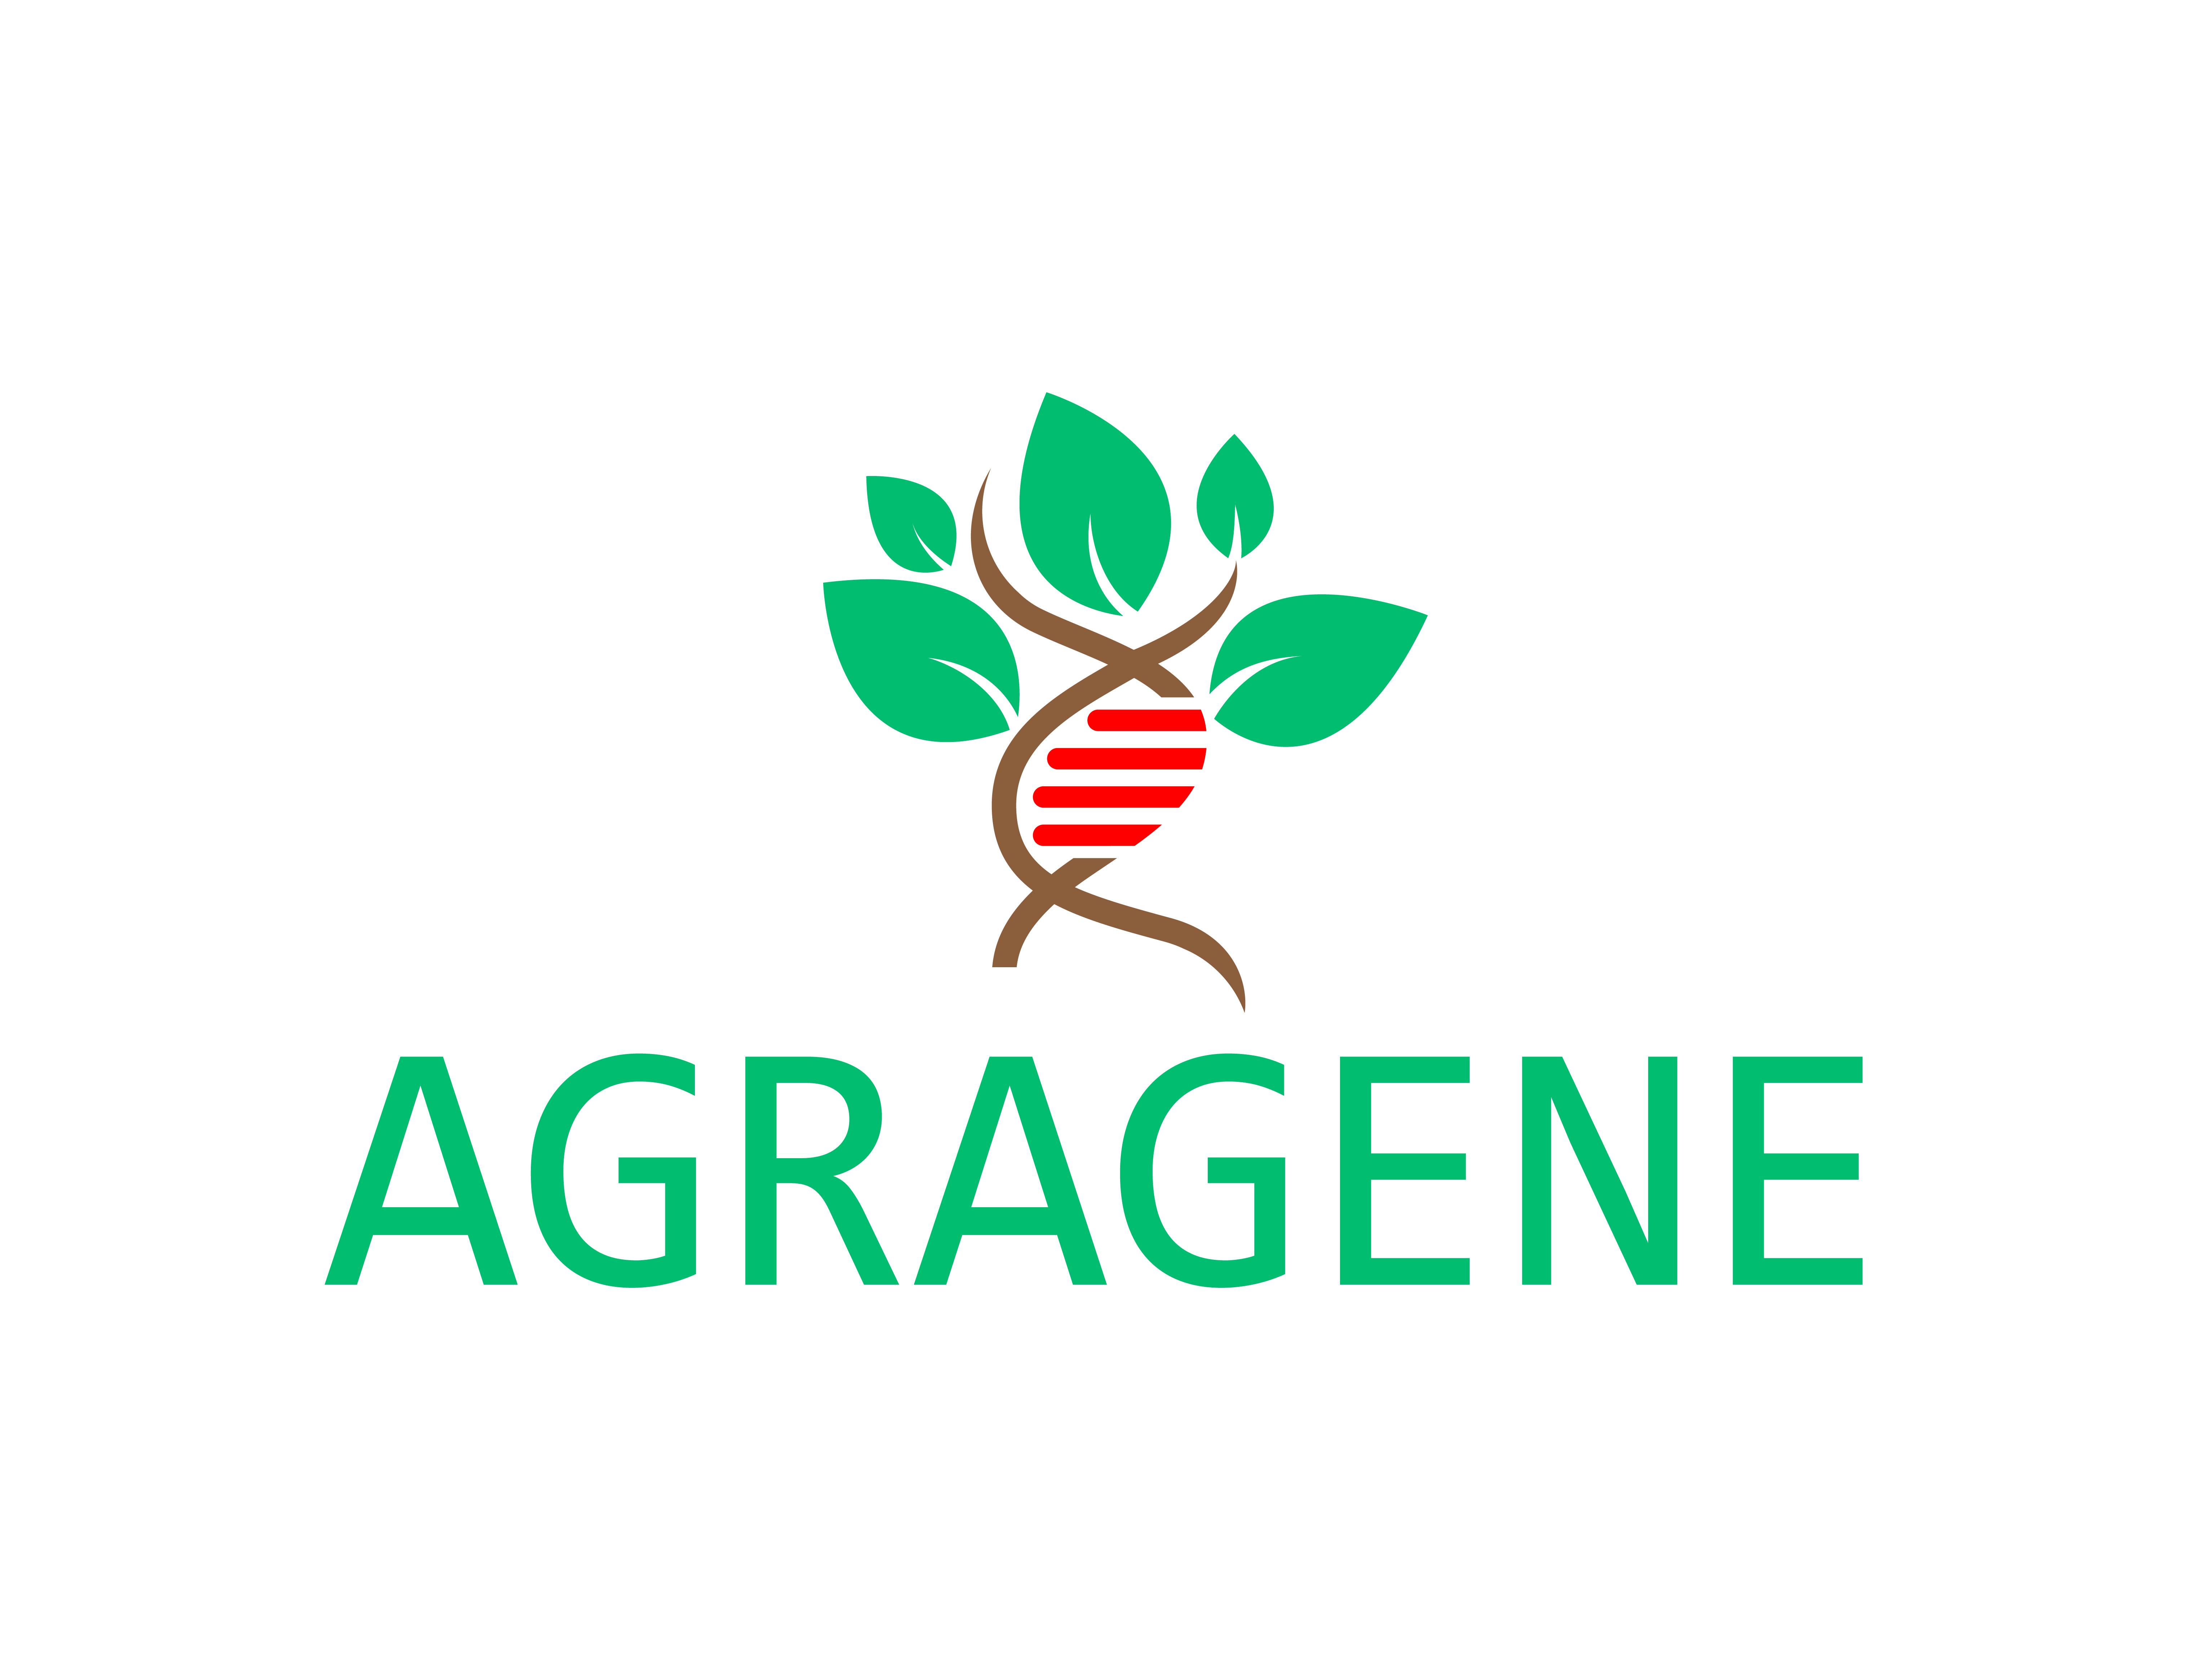 Agragene